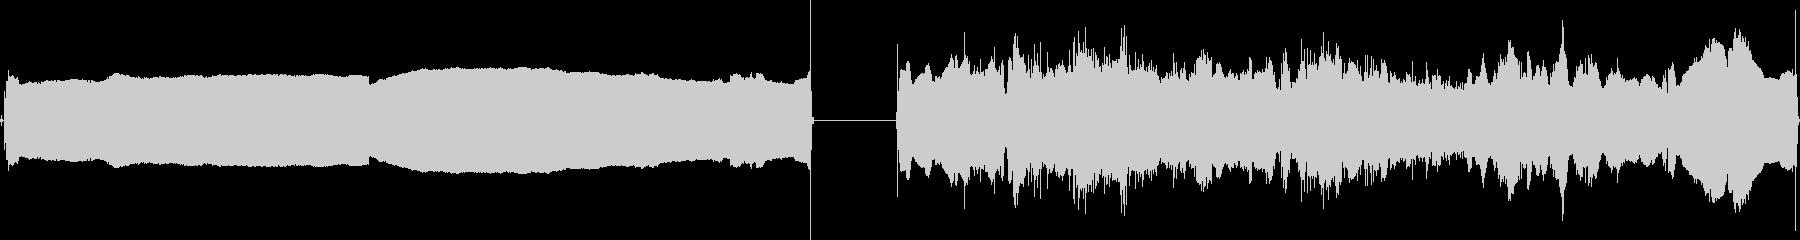 シェーバー、電動、小、2バージョン...の未再生の波形